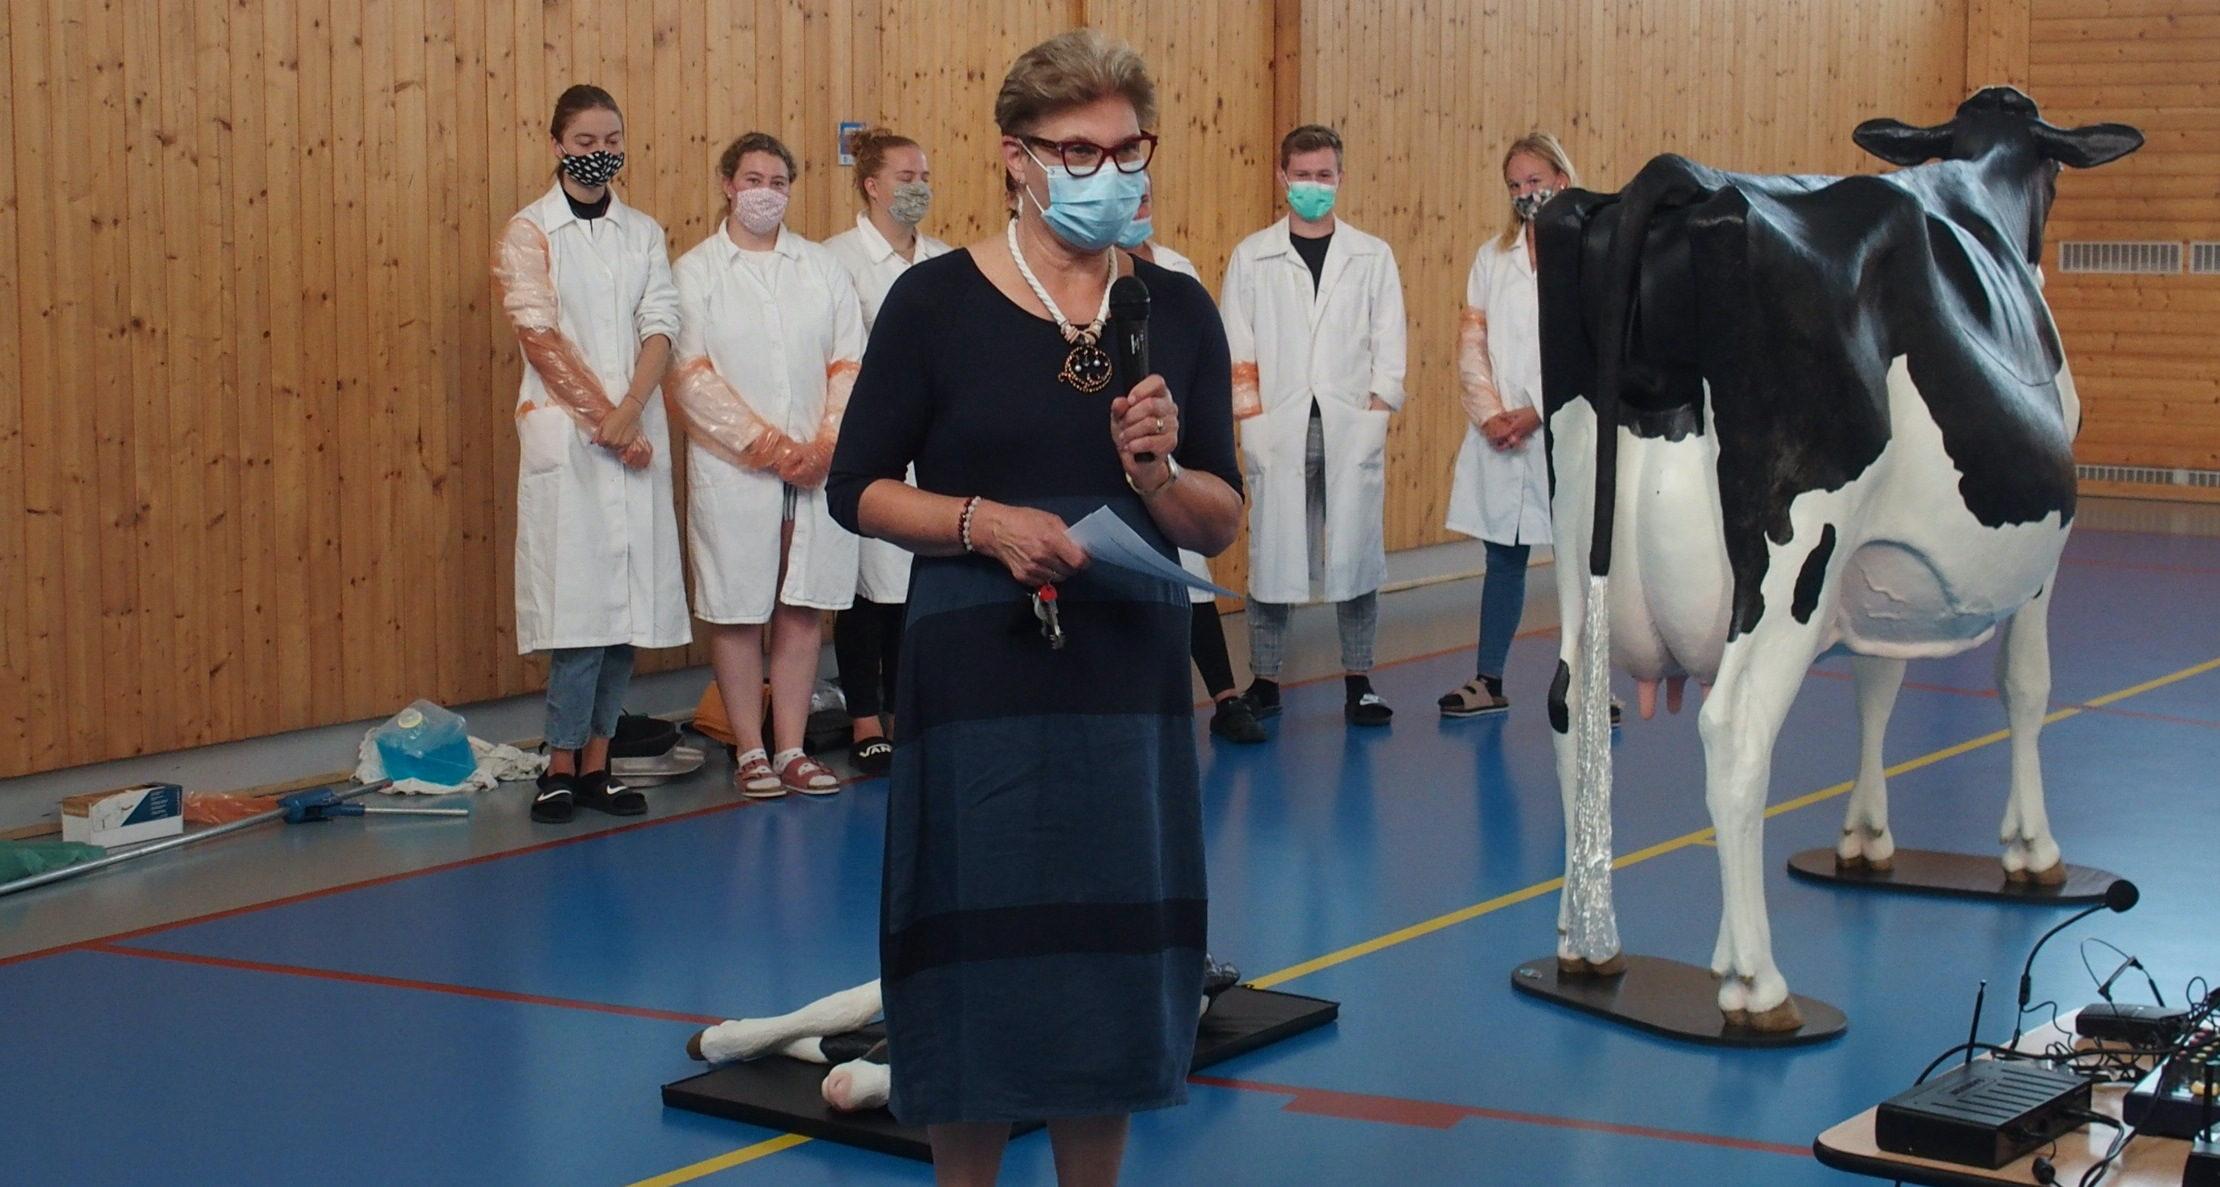 """""""Když se vrátí maturanti, můžeme už teorii jen opakovat, a vrhnout se do laboratoře a ke zvířatům. U dalších ročníků jsme pak připraveni rozjet akci prázdniny,"""" říká ředitelka školy Hana Rubáčková (na snímku)."""